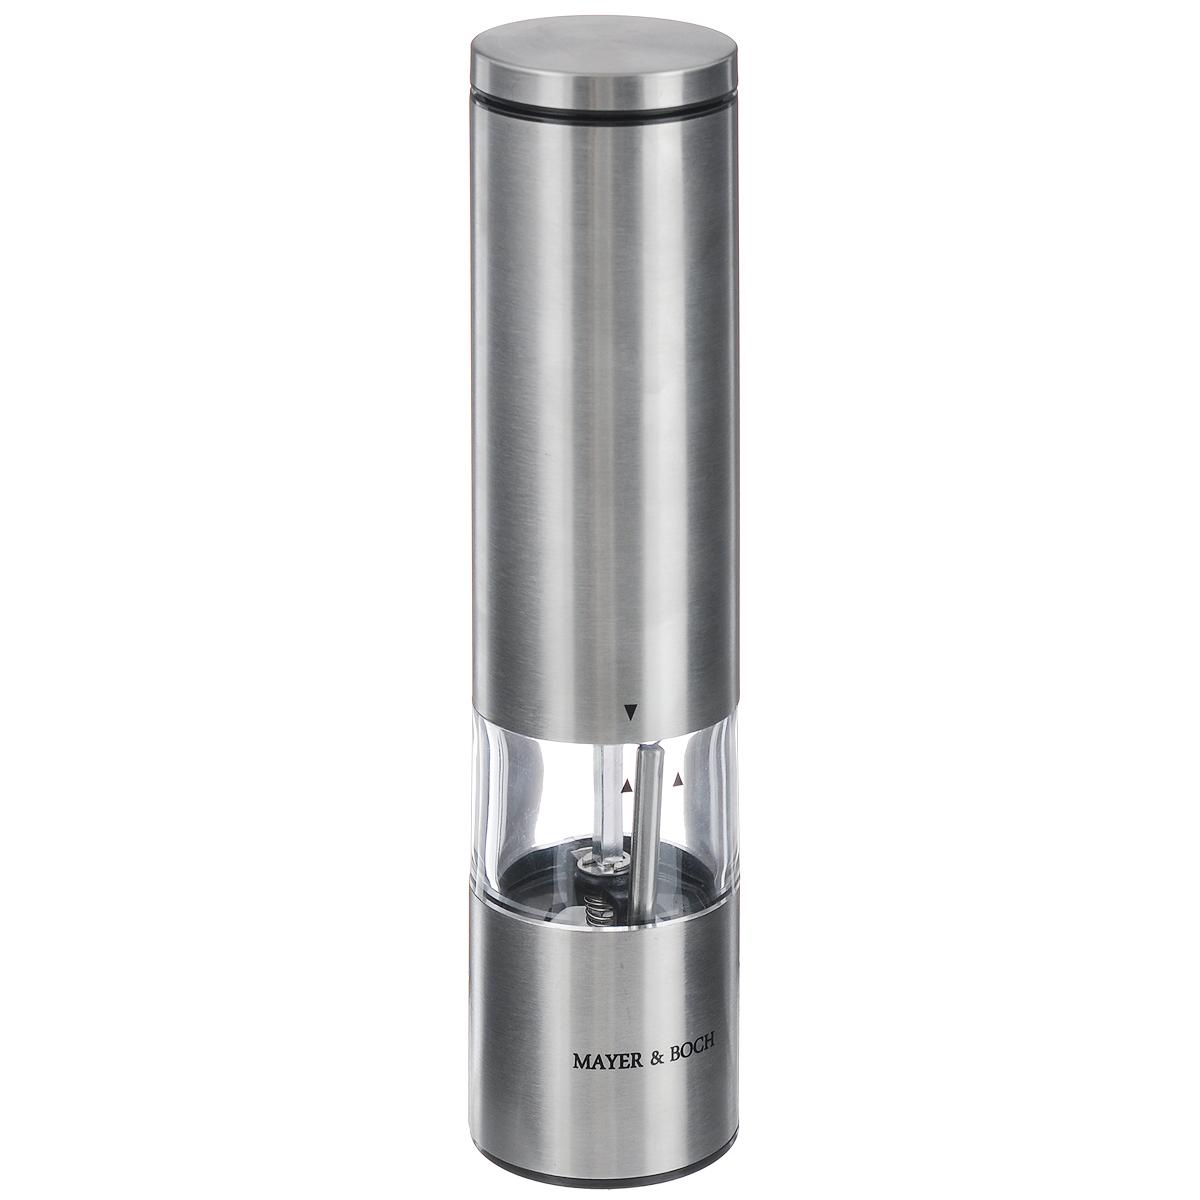 Мельница для перца Mayer & Boch, электрическая, высота 22 смFD-59Электрическая мельница для перца Mayer & Boch выполнена в стильном дизайне. Изделиеимеет пластиковое основание, корпус выполнен из нержавеющей стали и акрилового стекла. Механизм помола оснащен керамическими жерновами. Изделие прекрасно подходит для помола перца,соли и других специй. Мельница имеет два режима: ручной и автоматический. Изделиеоснащено подсветкой. Мельница Mayer & Boch добавит вашим блюдам яркие вкусовые краски. Созданная извысококачественных материалов и имеющая запатентованный, оригинальный механизм мельницастанет незаменимым атрибутом на вашем столе. Она удобна в использовании и имеет яркийсовременный дизайн, который станет ярким акцентом в интерьере вашей кухни. Работает от 6 батареек типа ААА (в комплект не входят). Для работы мельницы батарейки необходимо вставить в корпус изделия. Диаметр мельницы: 5 см. Высота мельницы: 22 см.